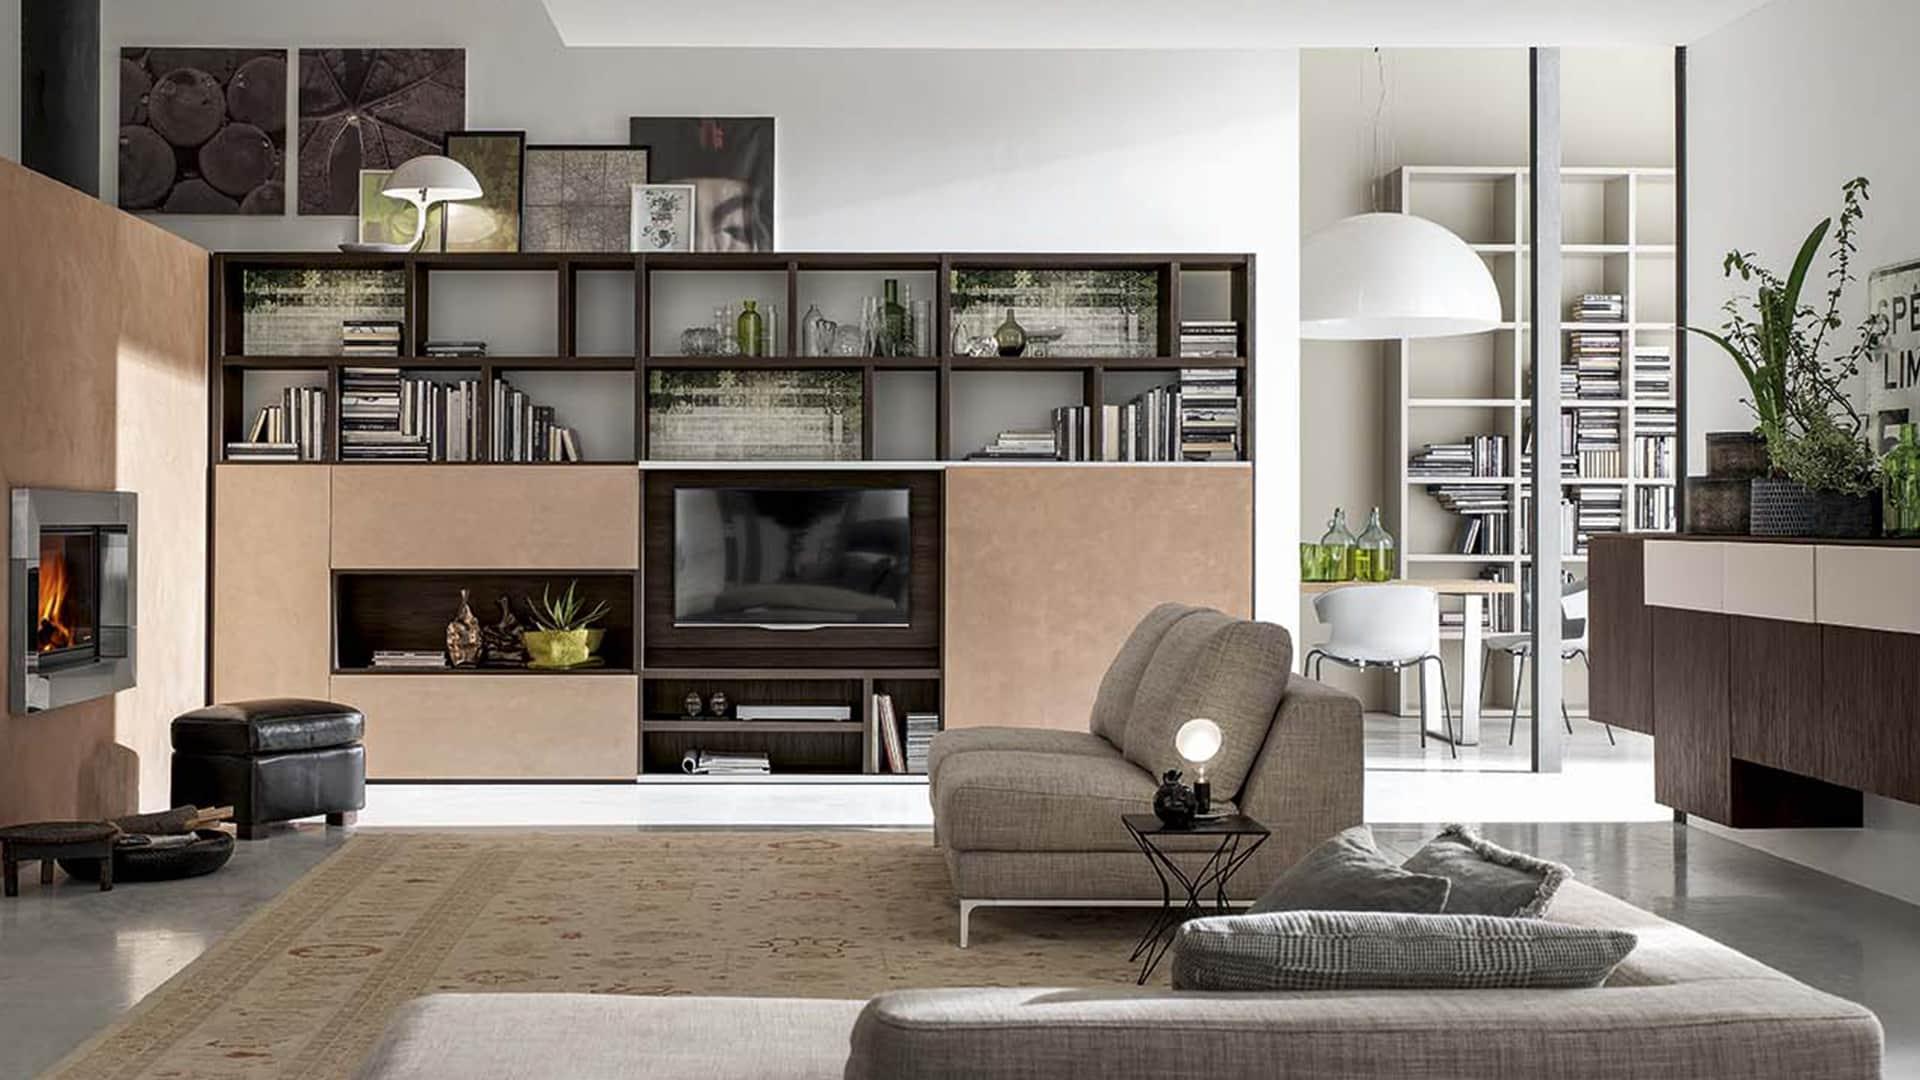 Vendita di mobili per soggiorno a padova mobili da soggiorno economici ed in offerta - Mobili soggiorno ad angolo ...